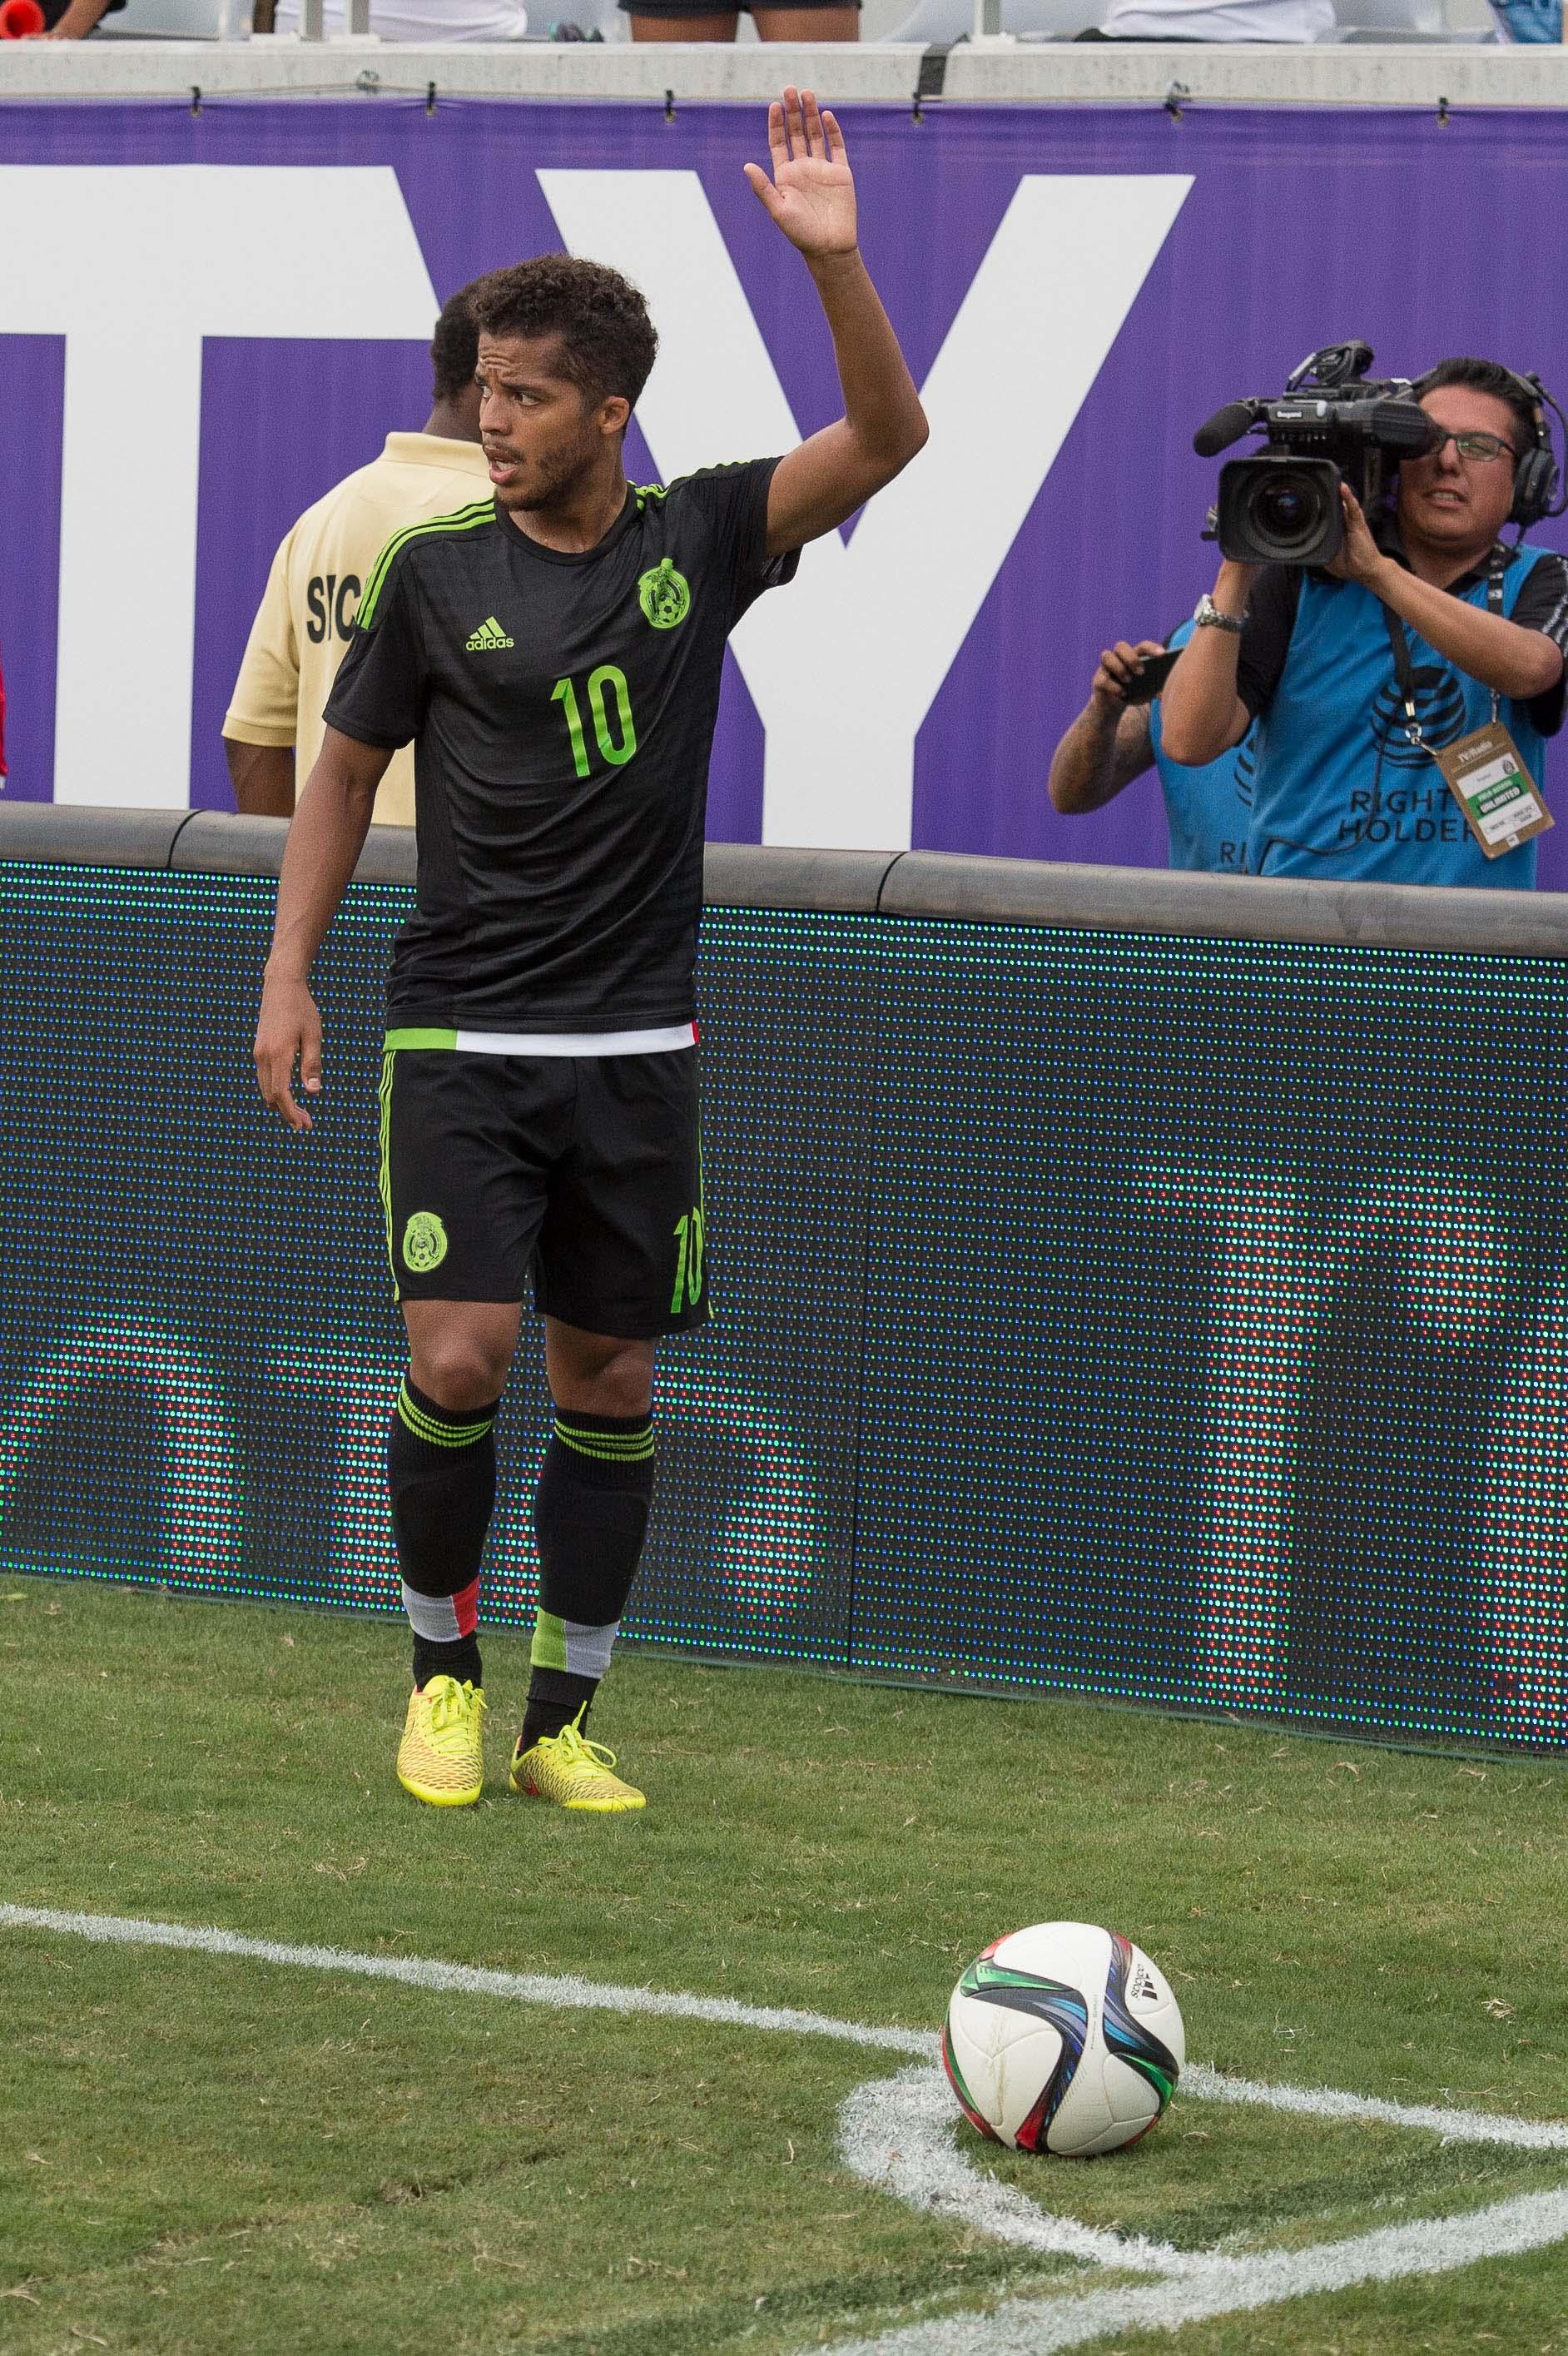 Gio Dos Santos becomes LA Galaxy's newest #10